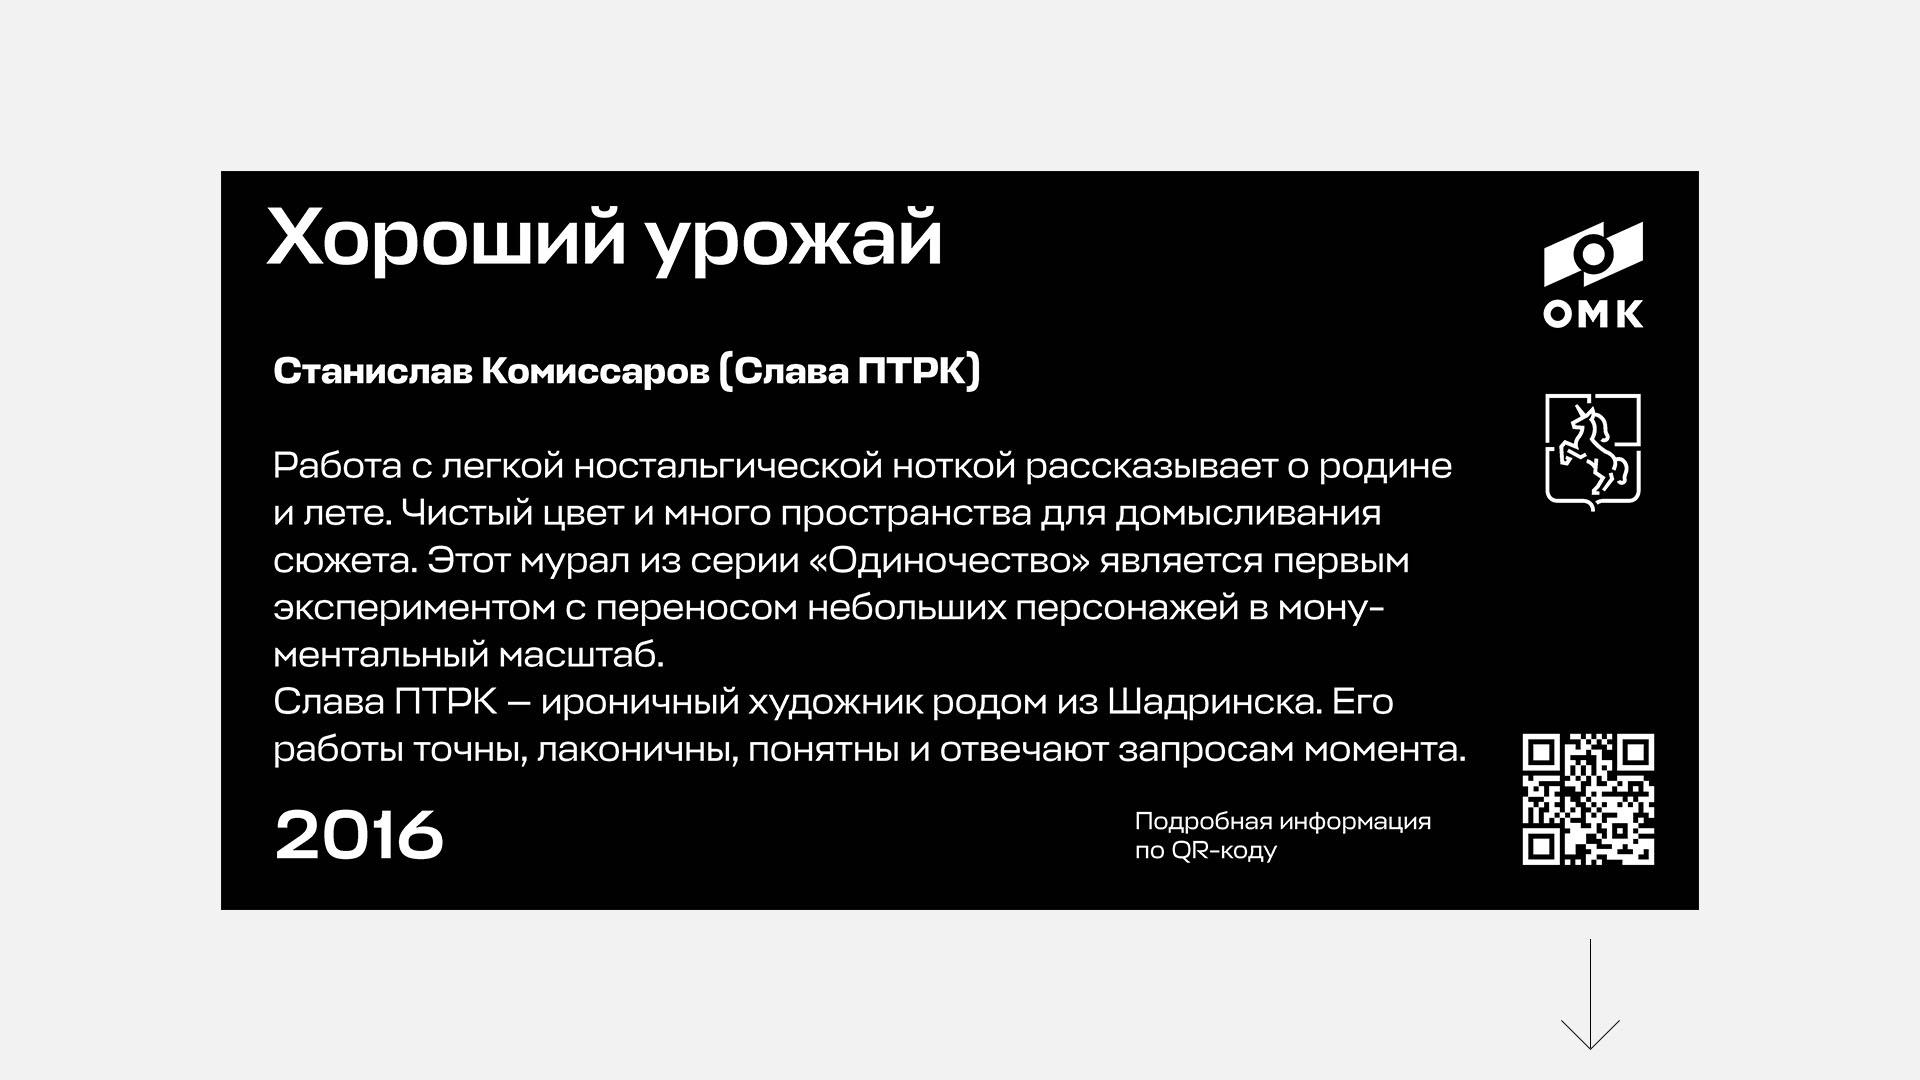 otk_ovrag_tabs_1_prev_11